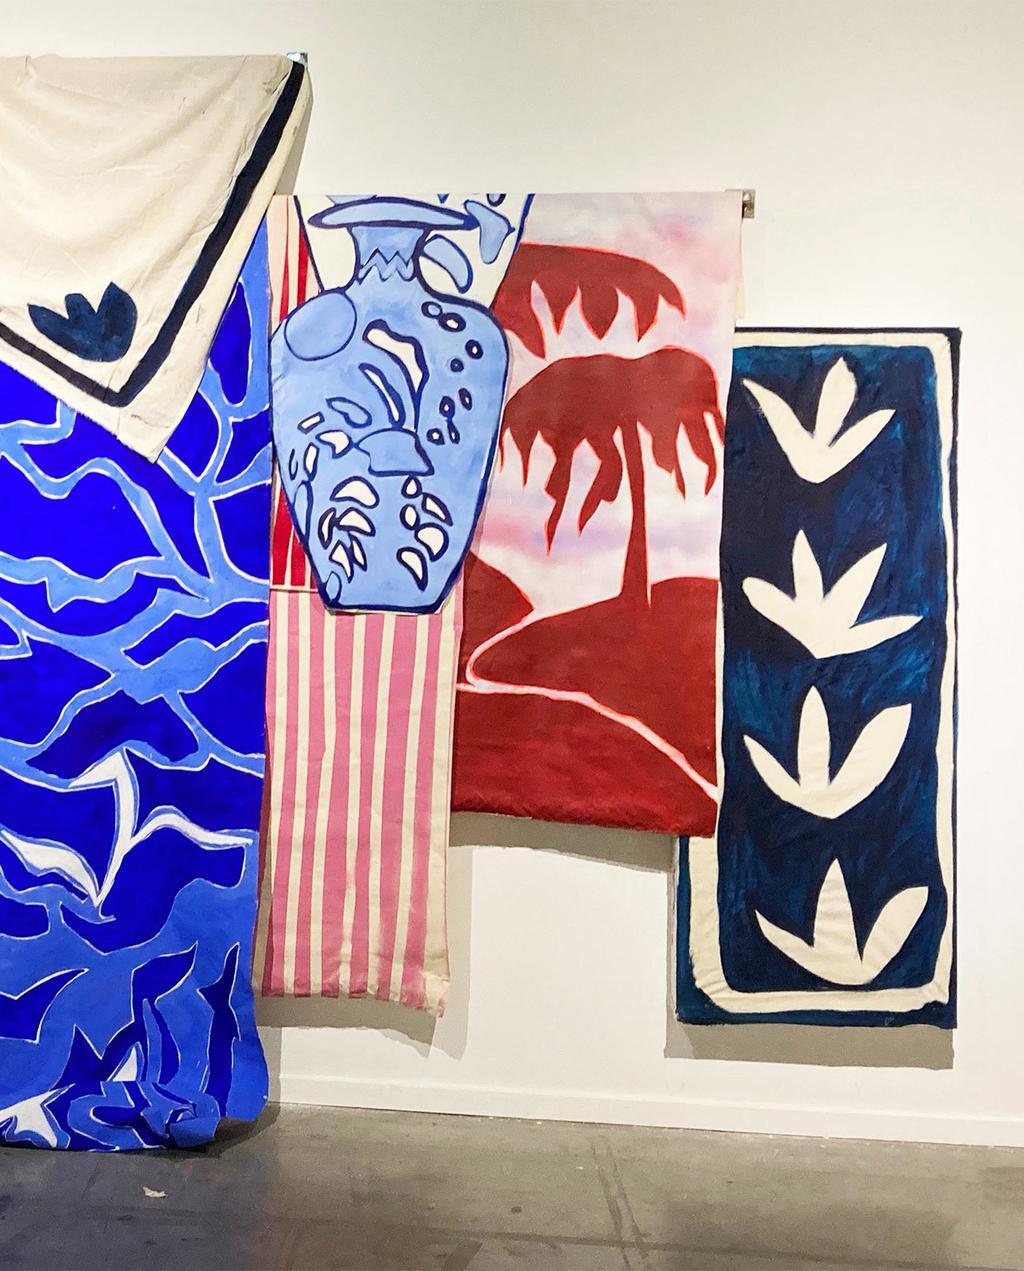 vtwonen 02-2021 | verschillende kunstwerken aan de wand, rechts met bloemen, midden met palmbomen en links met blauwe lijnen